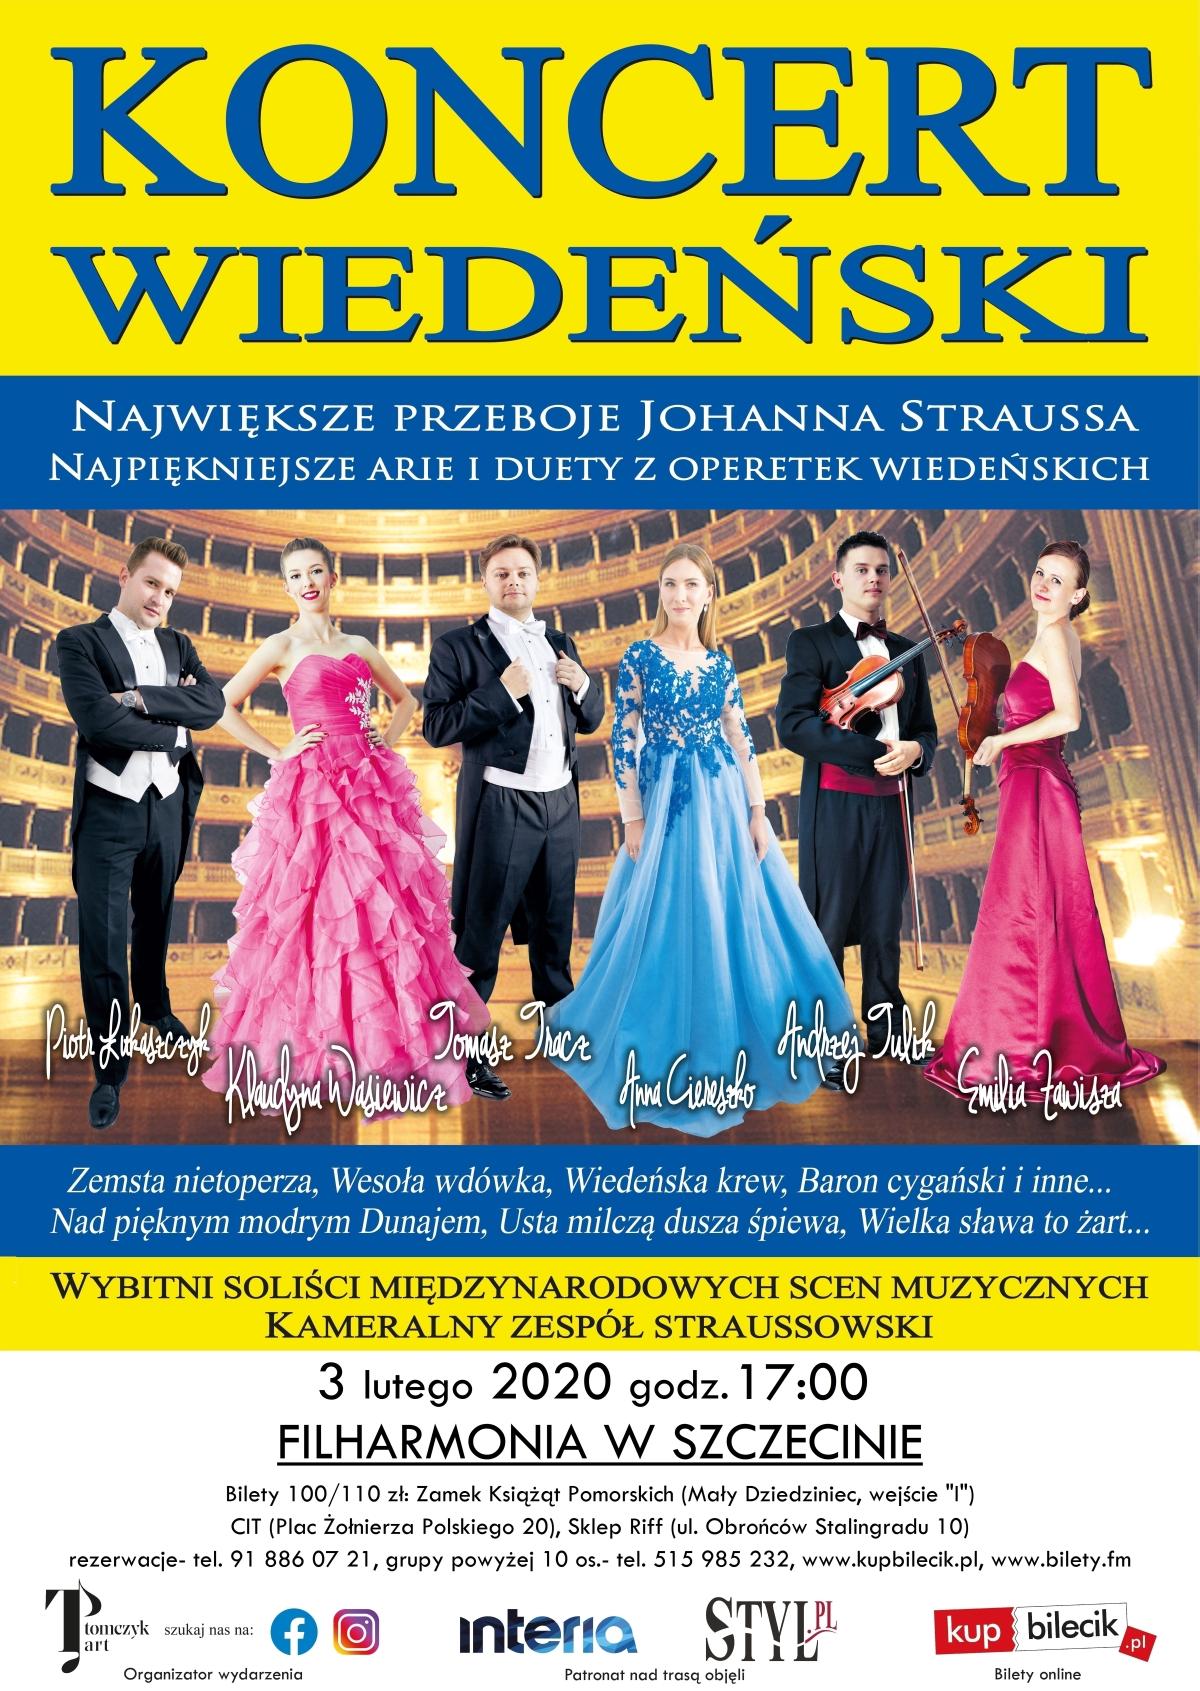 Noworoczny Koncert Wiedeński Szczecin 2020